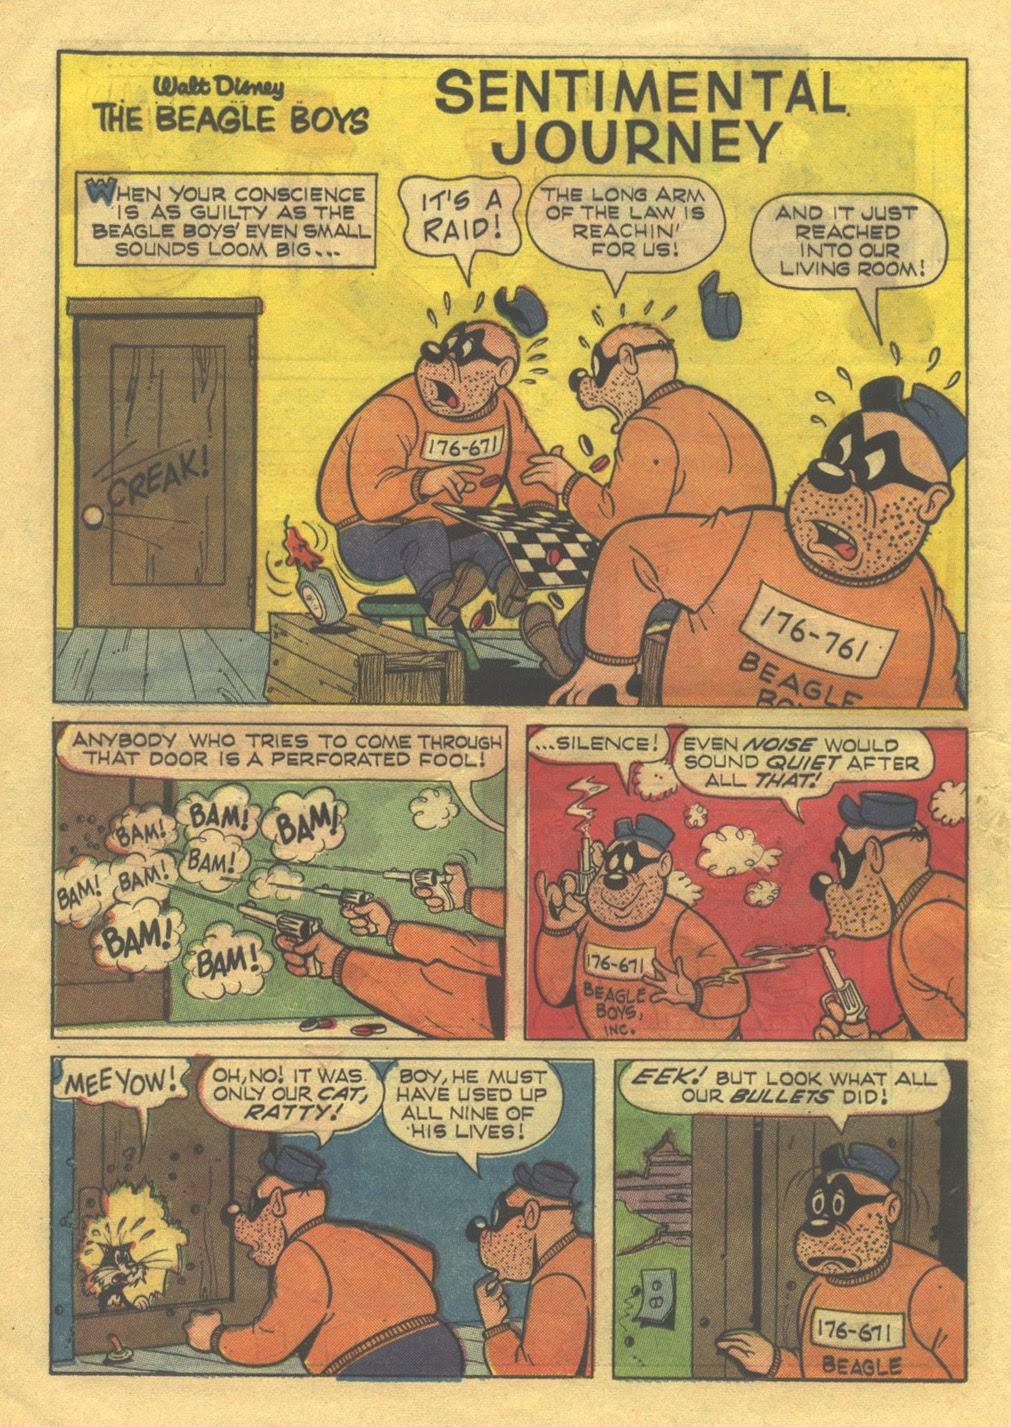 Walt Disney THE BEAGLE BOYS issue 3 - Page 16